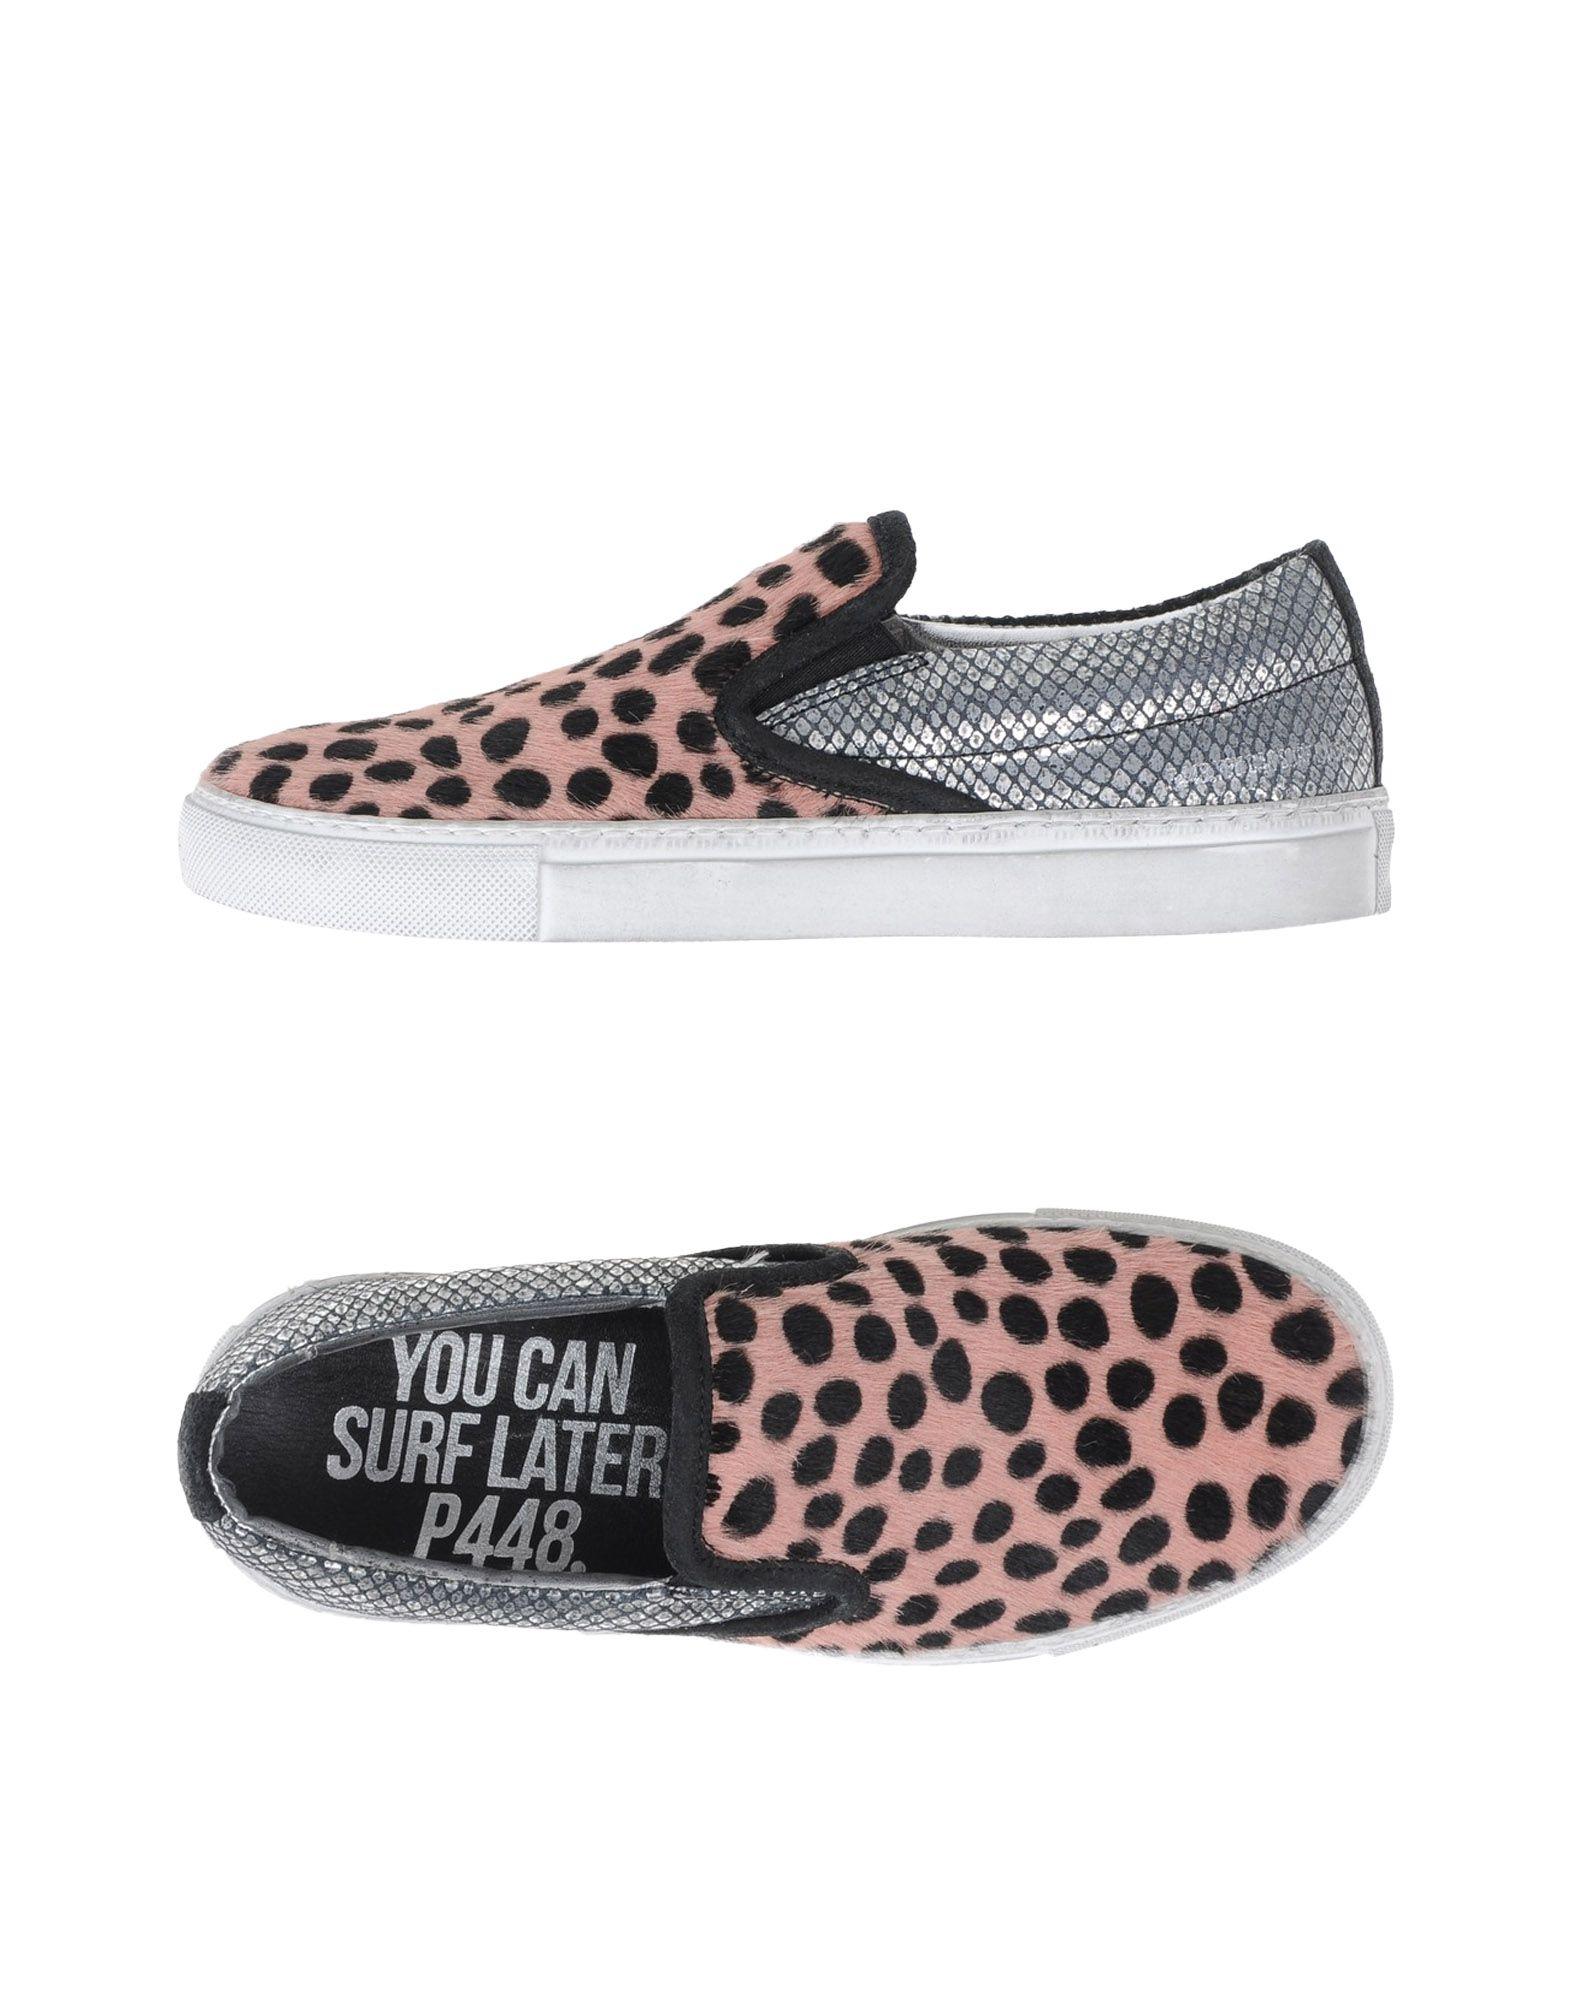 Scarpe economiche e resistenti Sneakers P448 Donna - 44998094WF